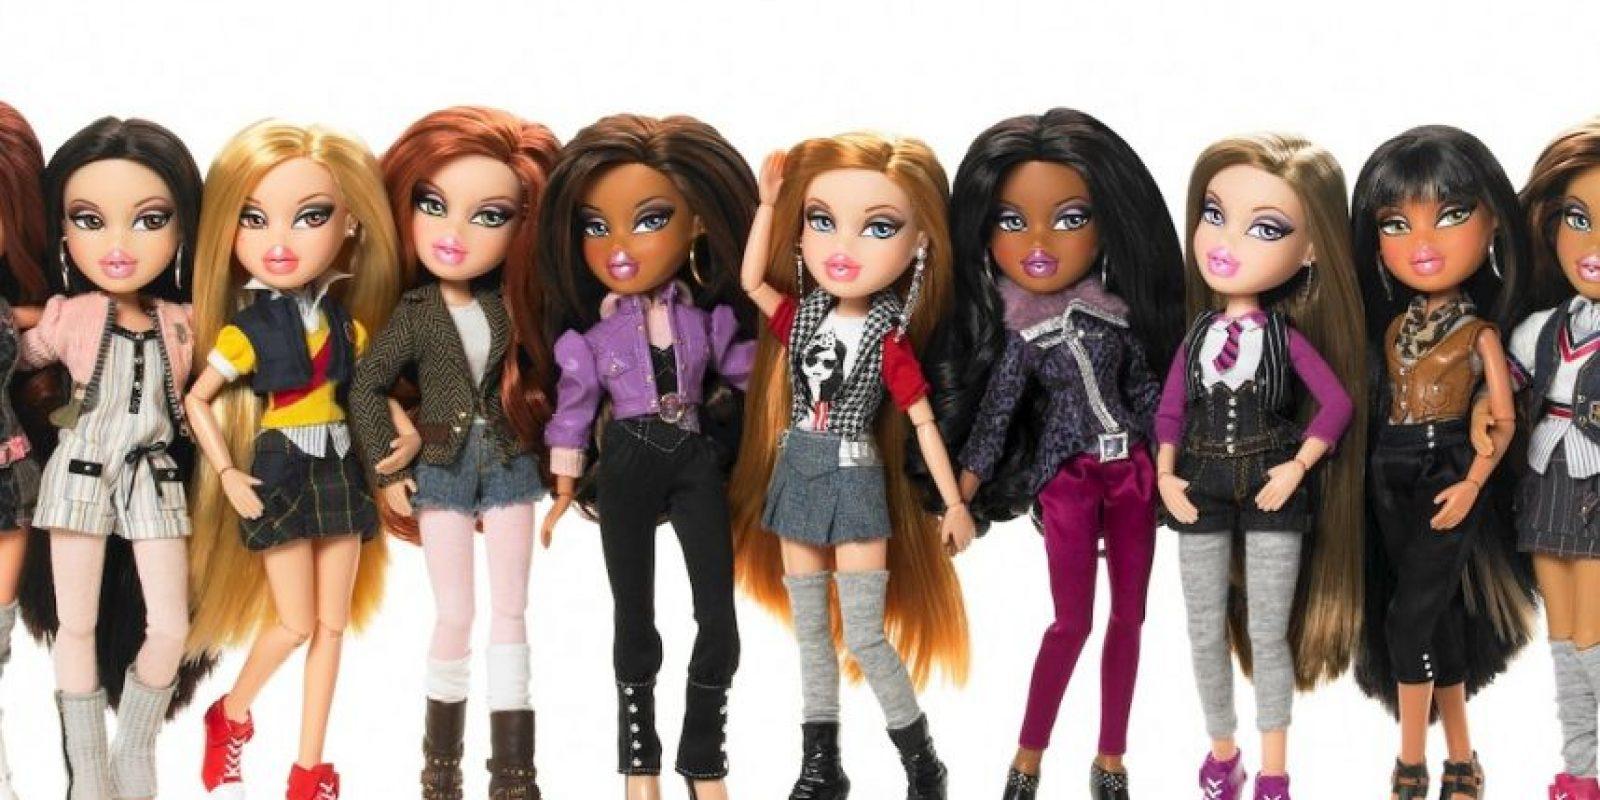 Las Bratz se lanzaron en 2001 como competidoras de Barbie con éxito rotundo. Son muñecas que representan la estética adolescente y urbana. Foto:MGAE. Imagen Por: